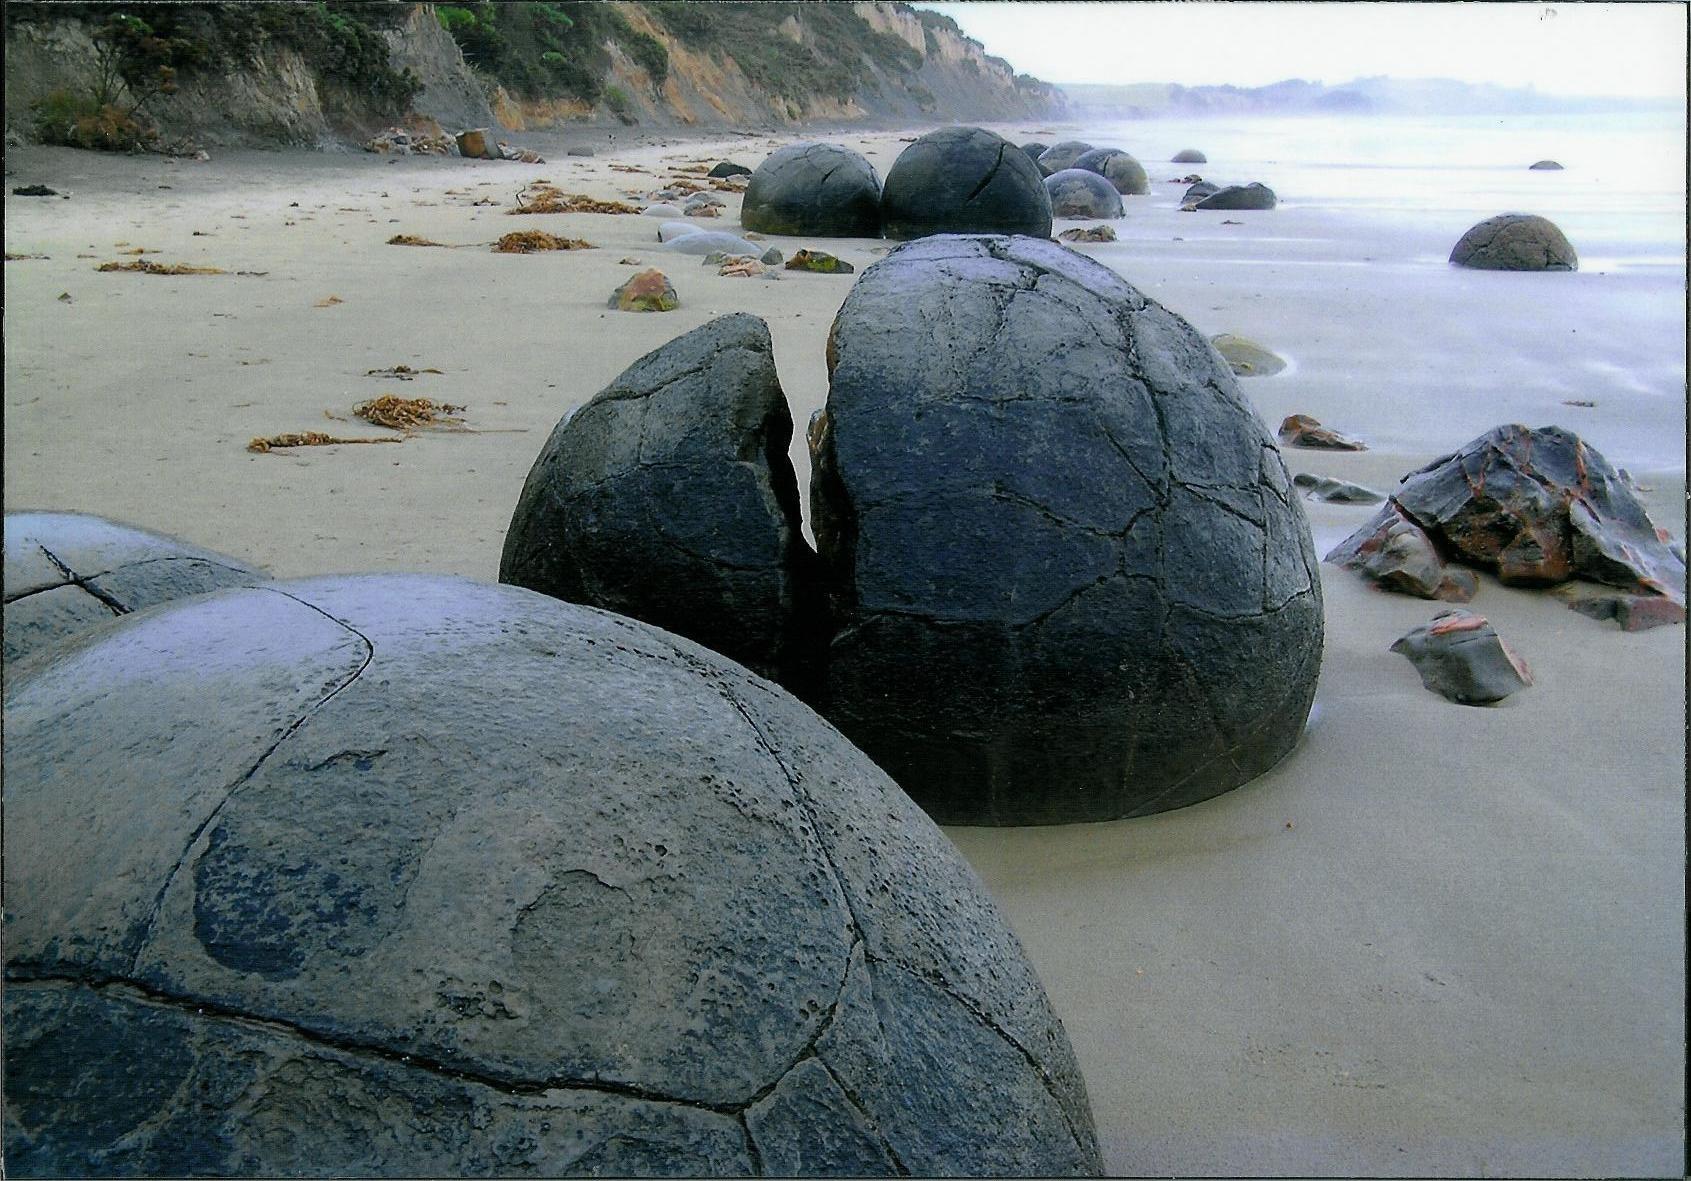 Moeraki Boulders by Luigi Cappel